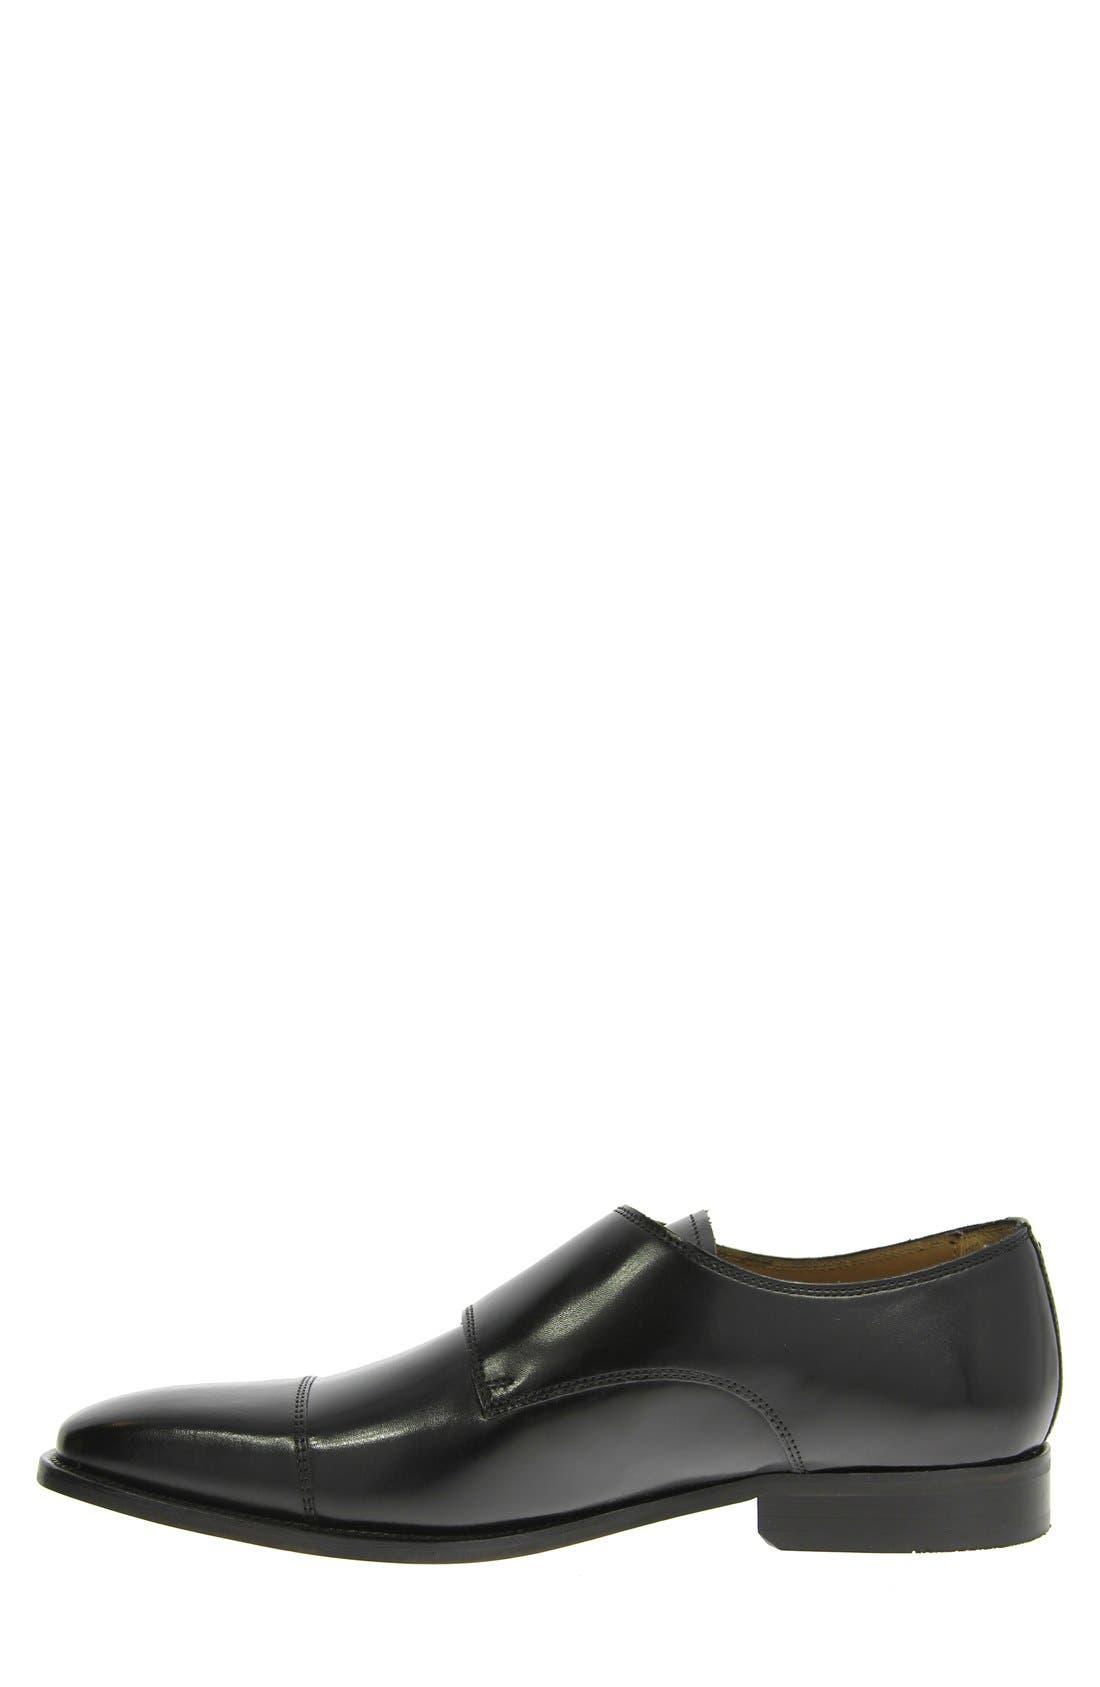 'Sabato' Double Monk Strap Shoe,                             Alternate thumbnail 2, color,                             001